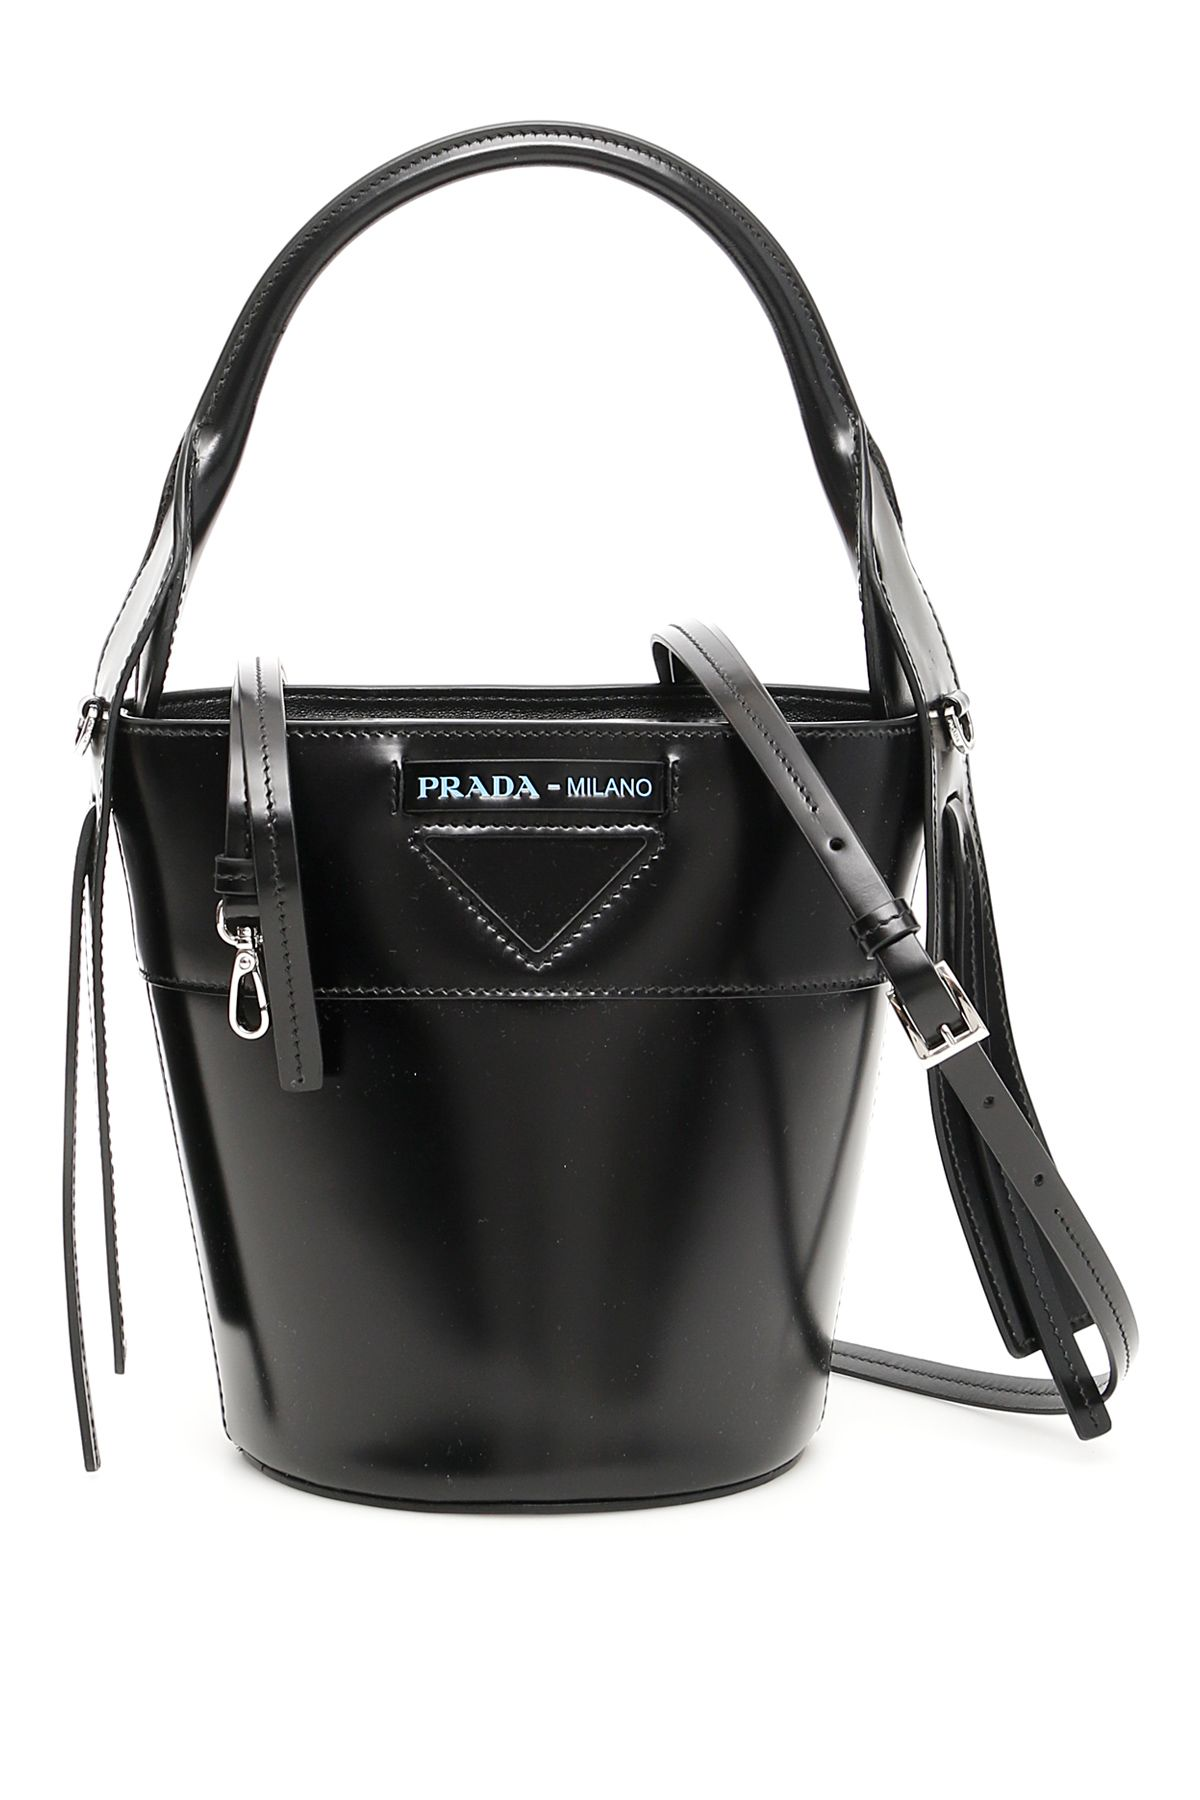 d14d0e113c50 Prada Prada Leather Ouverture Bucket Bag - NERO (Black) - 10962106 ...